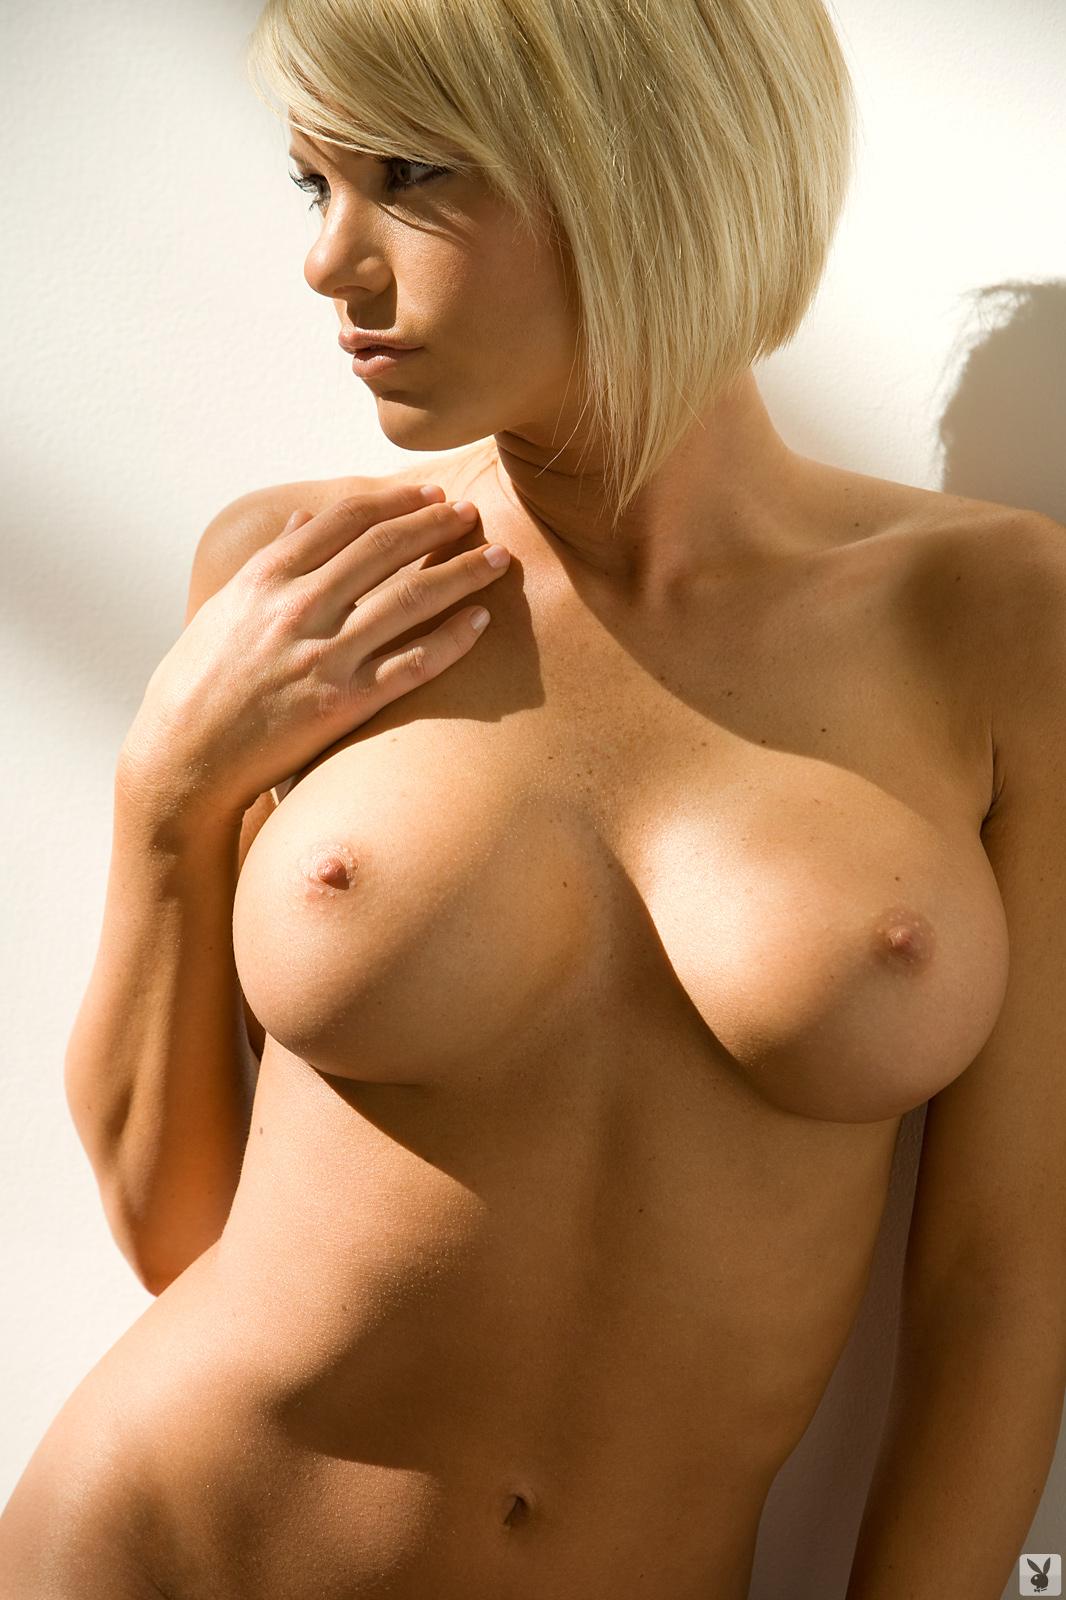 Голая блондинка с третьим размером фото, секс видео отомстила парню